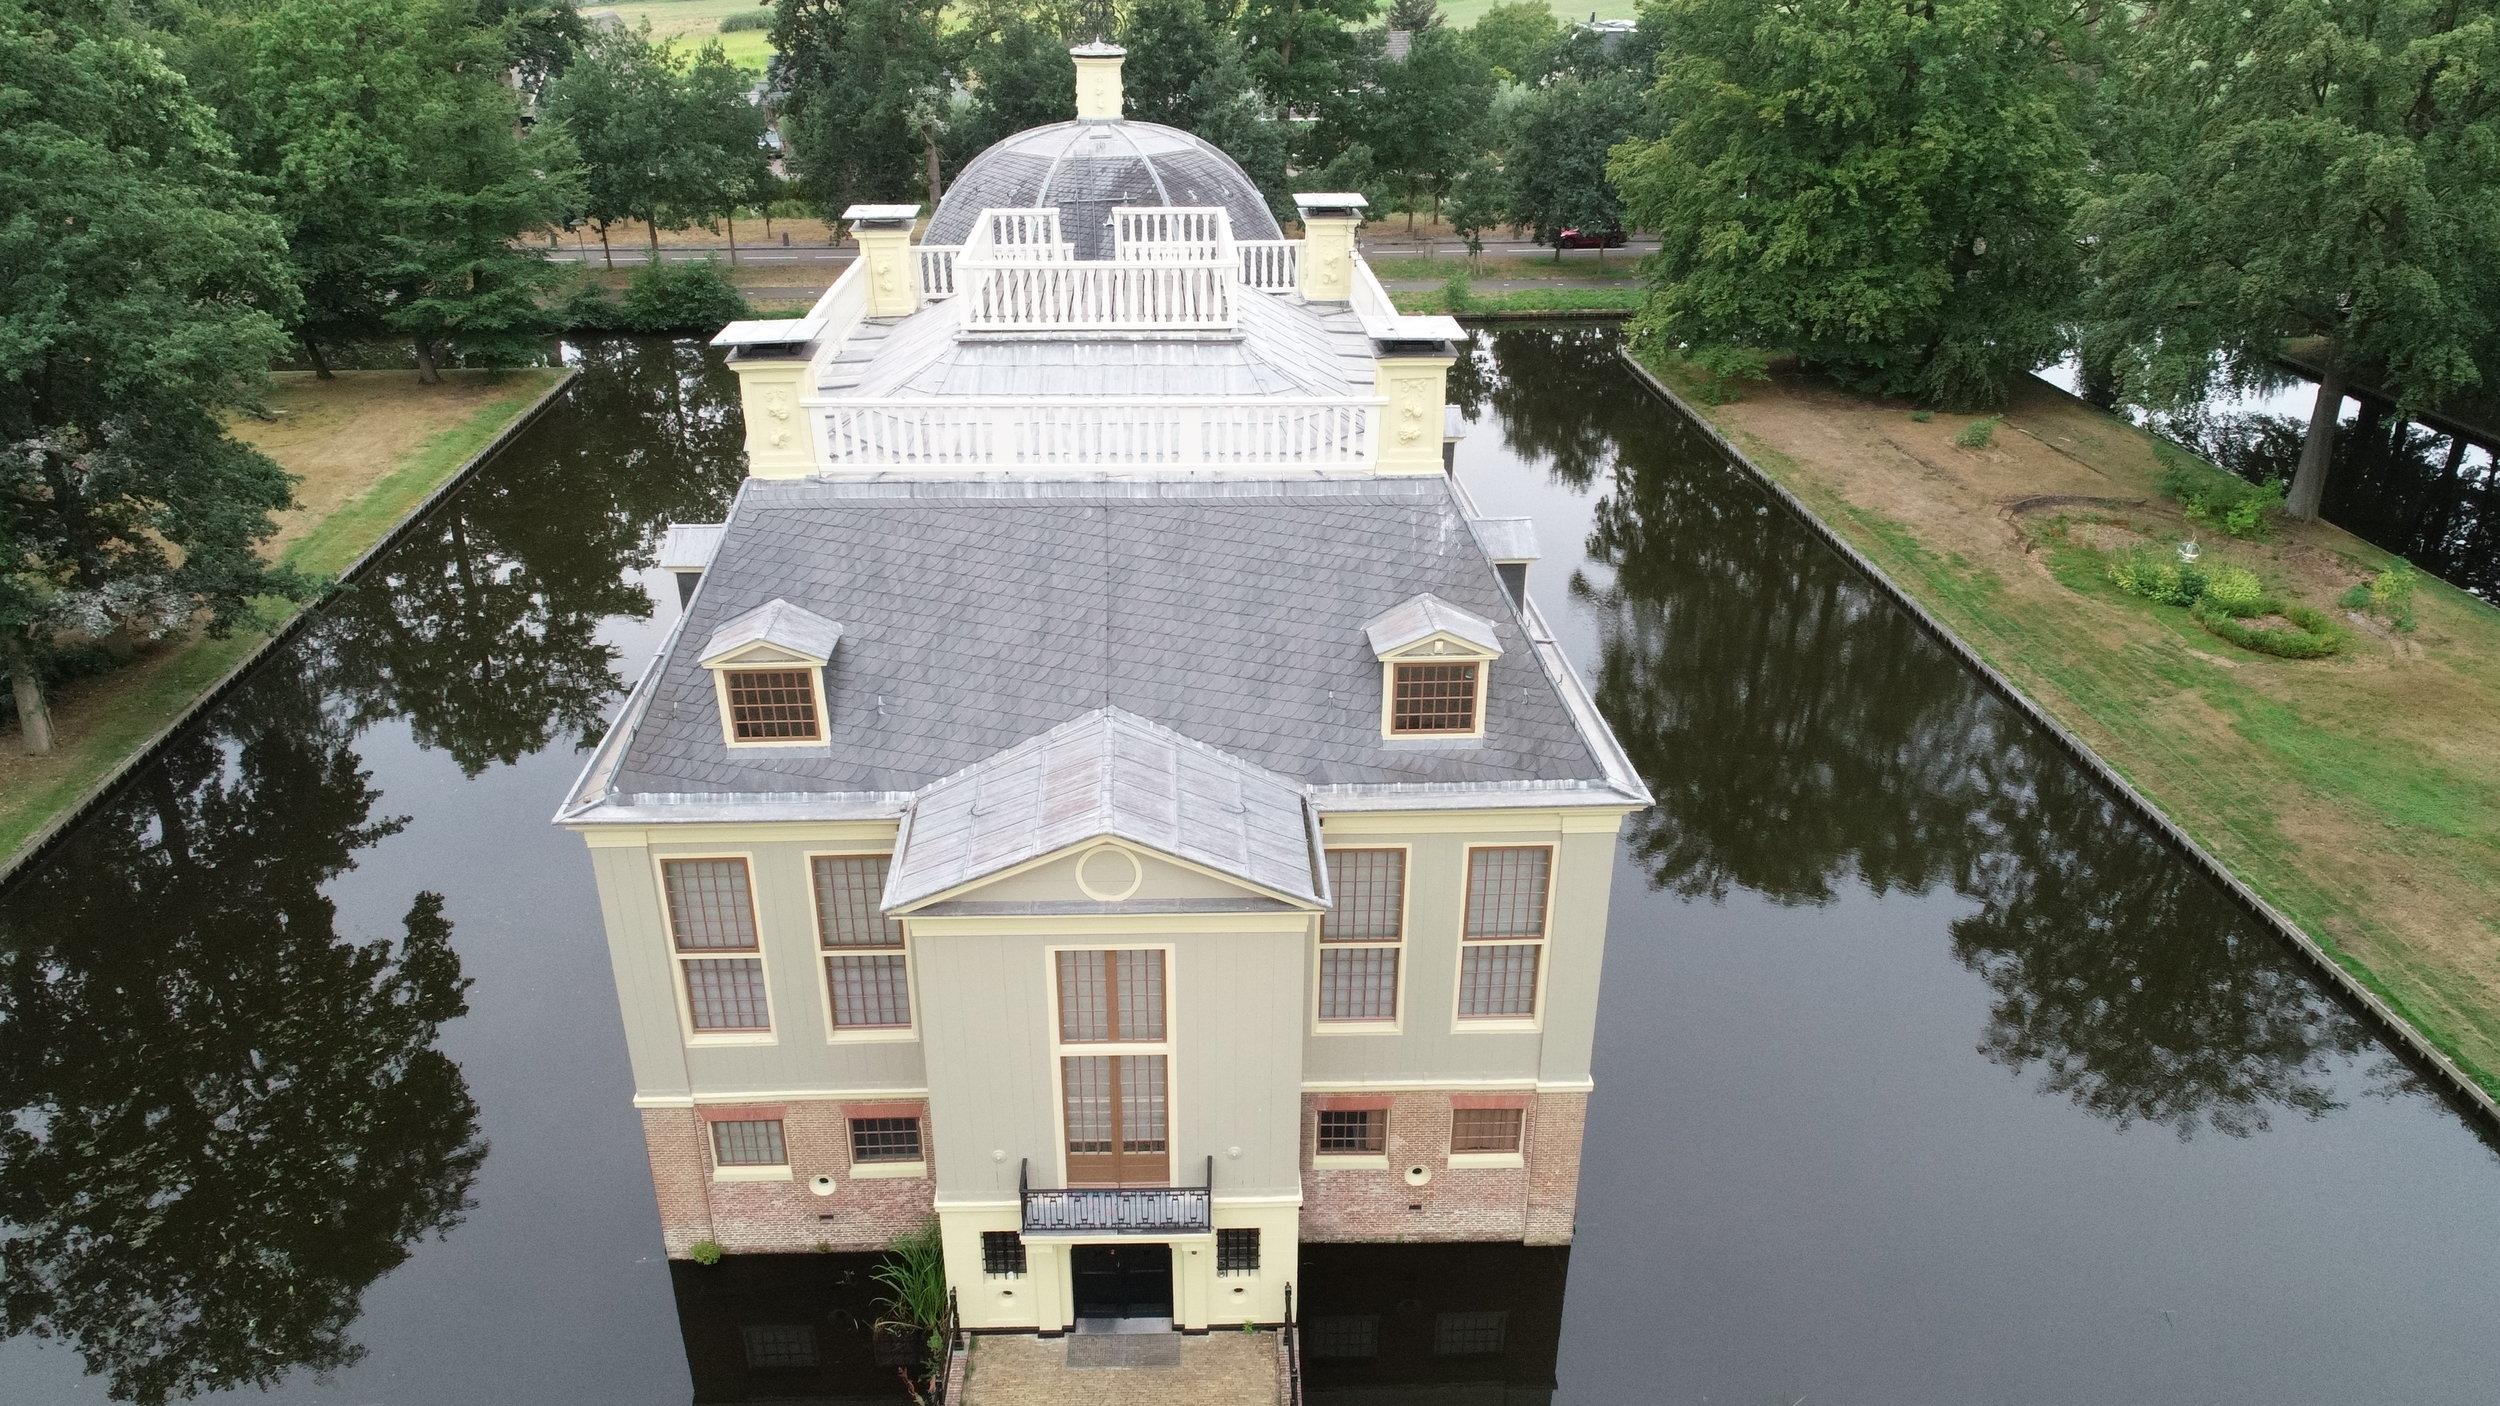 trompenburgh - Voor het item 'In vogelvlucht' zijn er door RTV Noord-Holland spectaculaire beelden gemaakt van onze historische buitenplaats Trompenburgh.